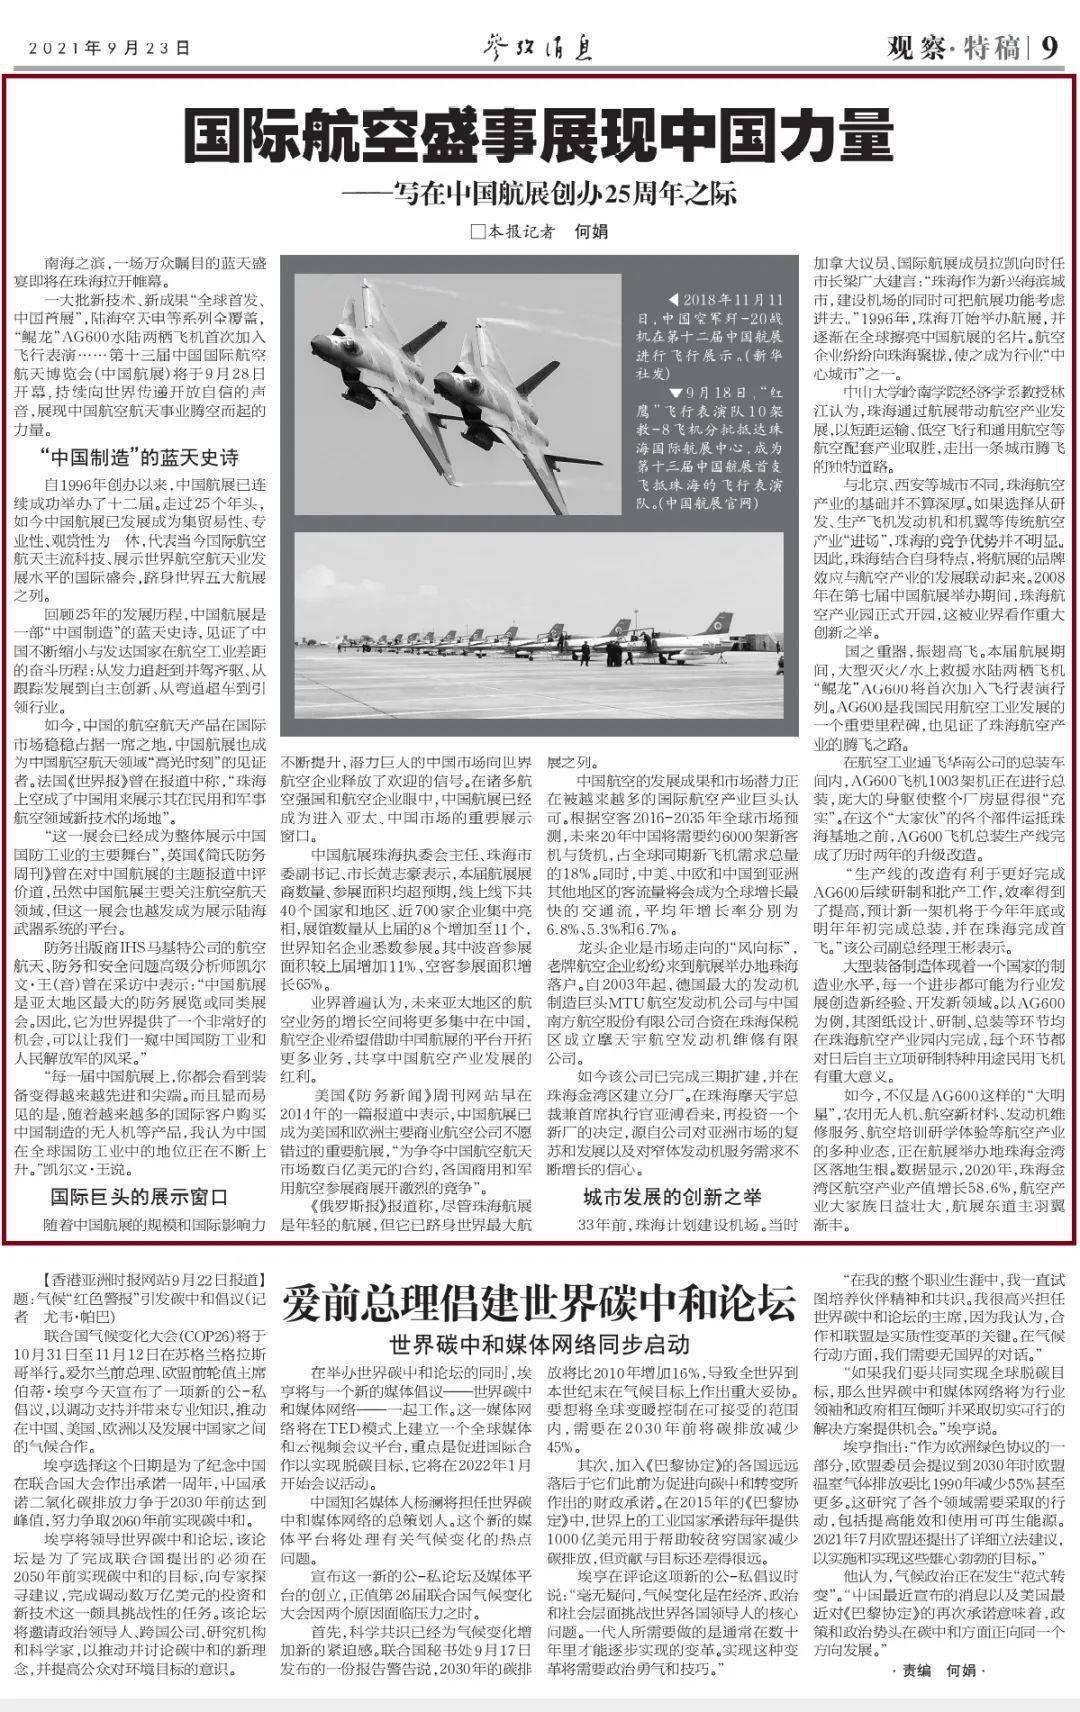 """《参考消息》今天大篇幅关注珠海:""""展现中国力量""""!"""